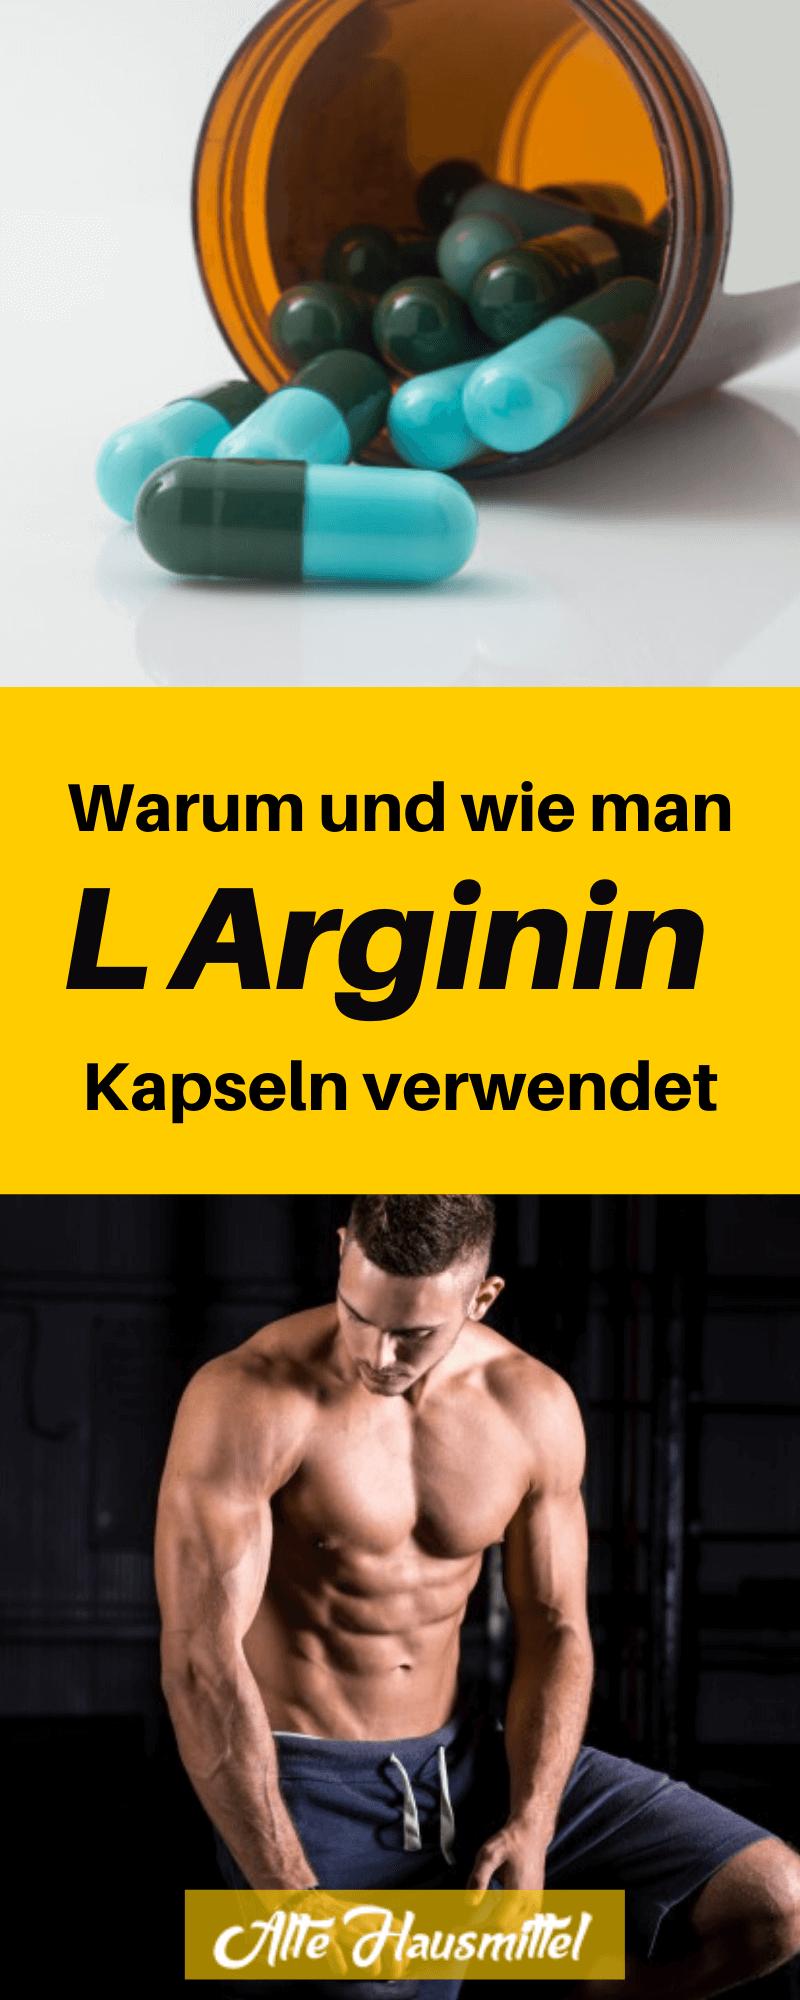 Warum und wie man L Arginin Kapseln verwendet